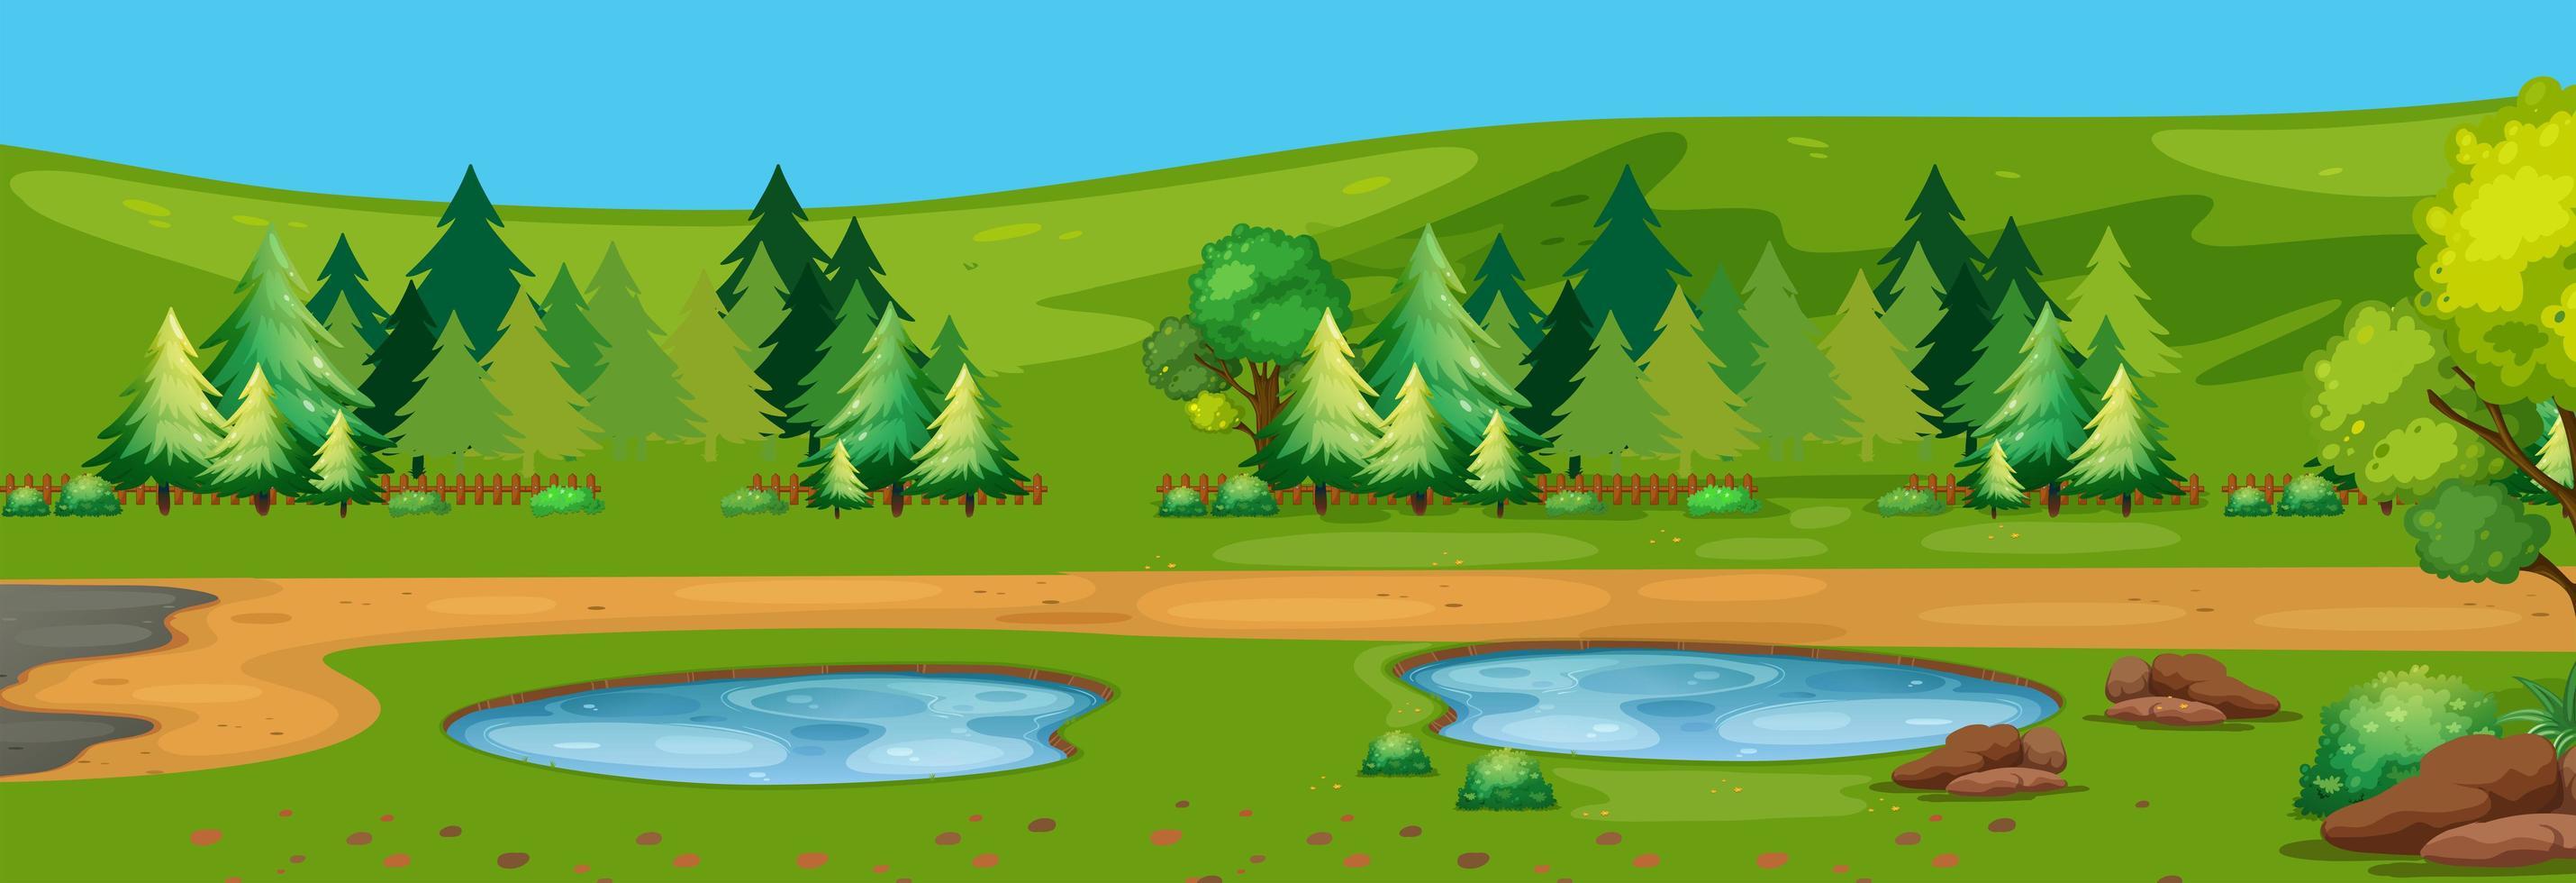 Un paysage naturel plat vecteur